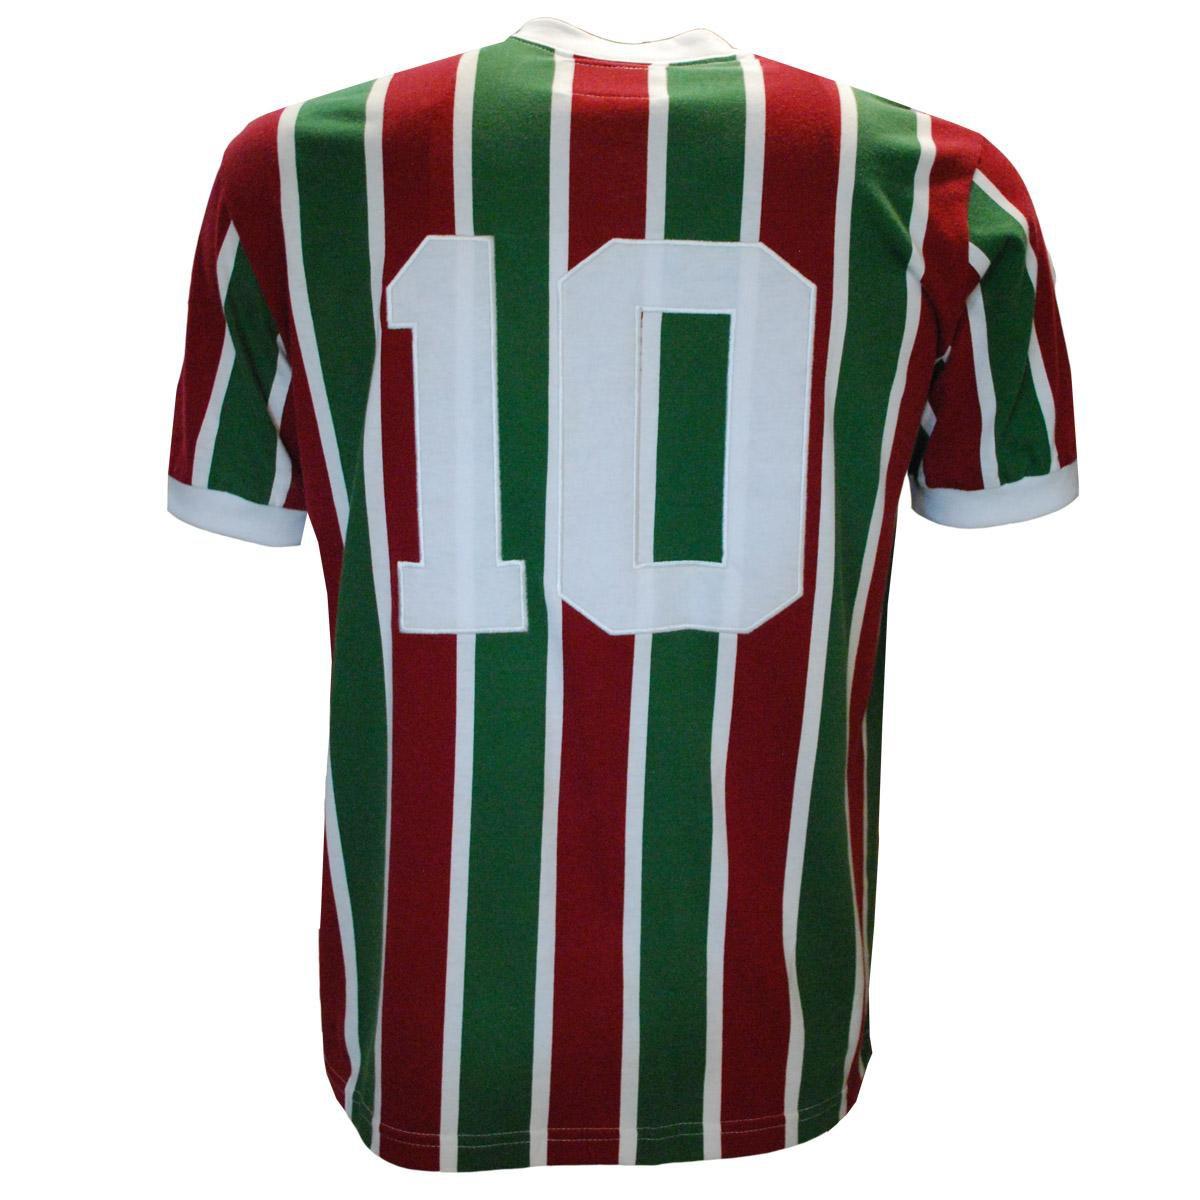 4d38b9a27a Camisa Liga Retrô Fluminense Mundial 1952 - Vermelho e Verde ...